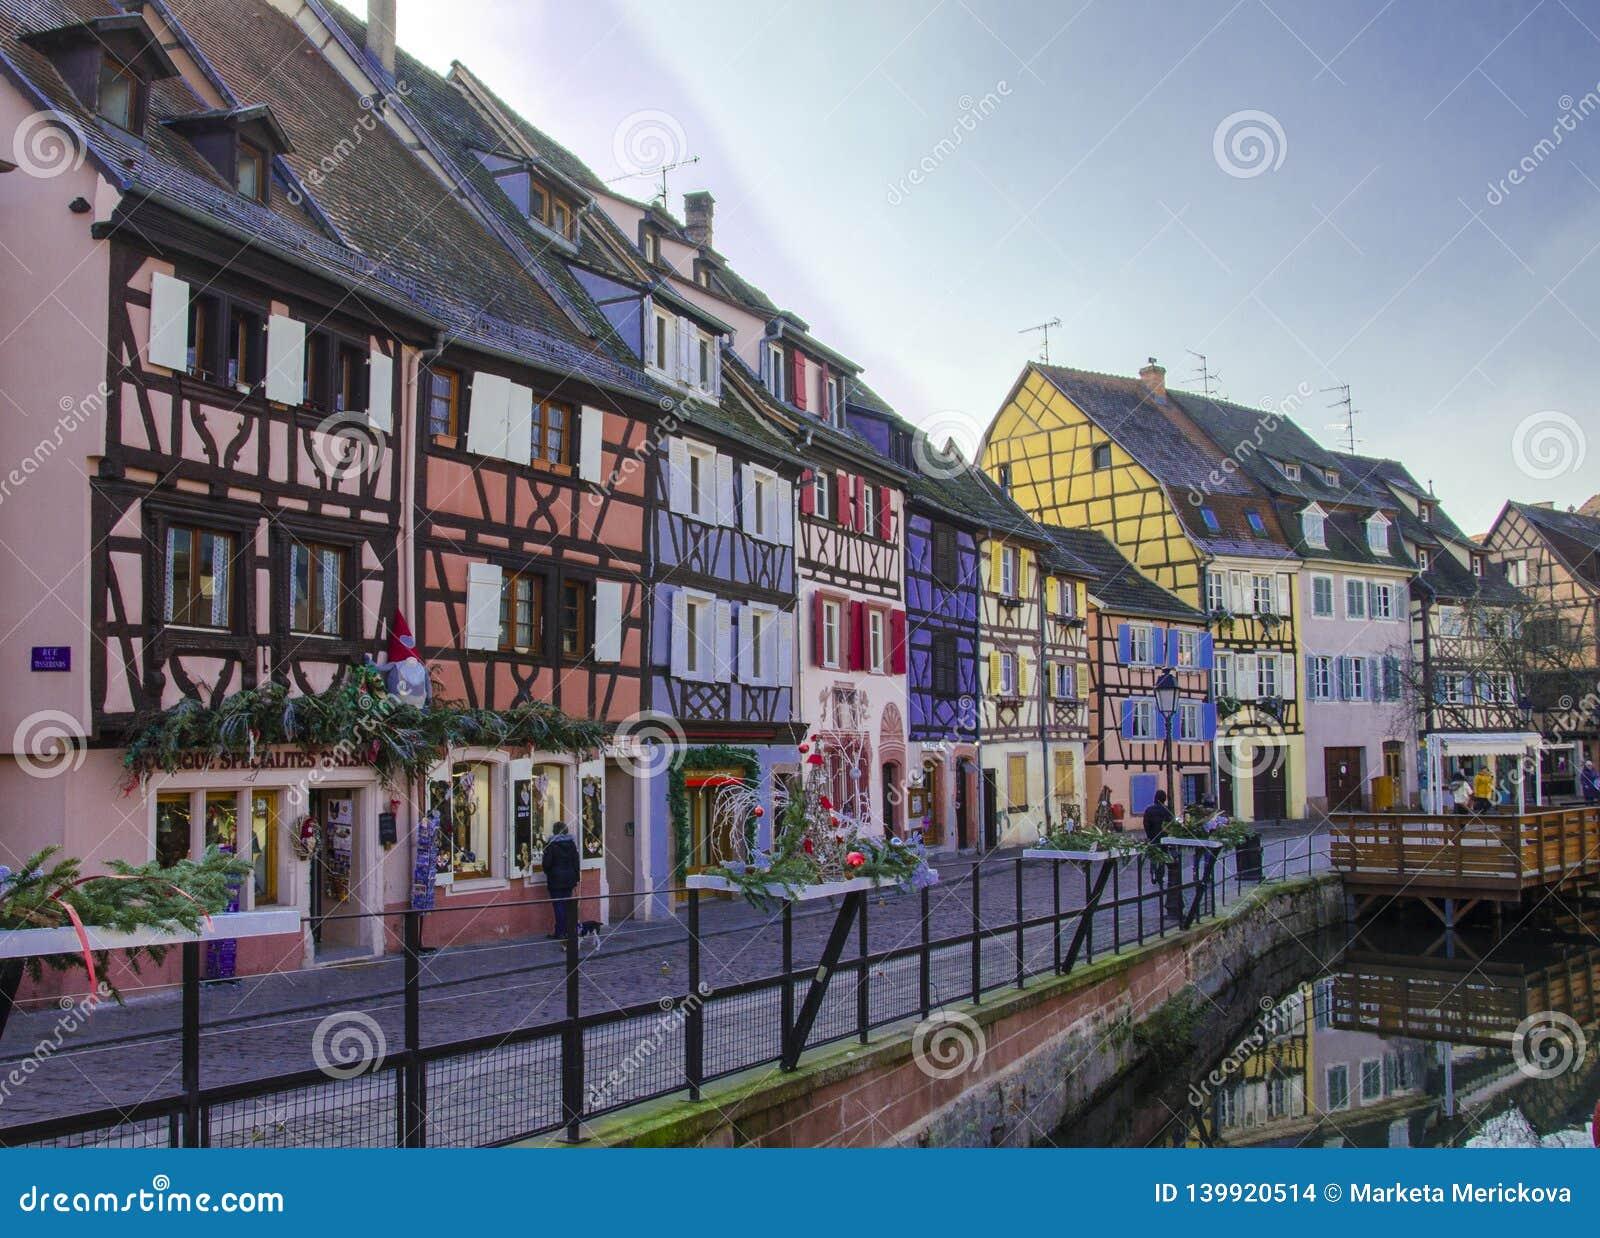 Traditionelle, alte und bunte Häuser in Elsass